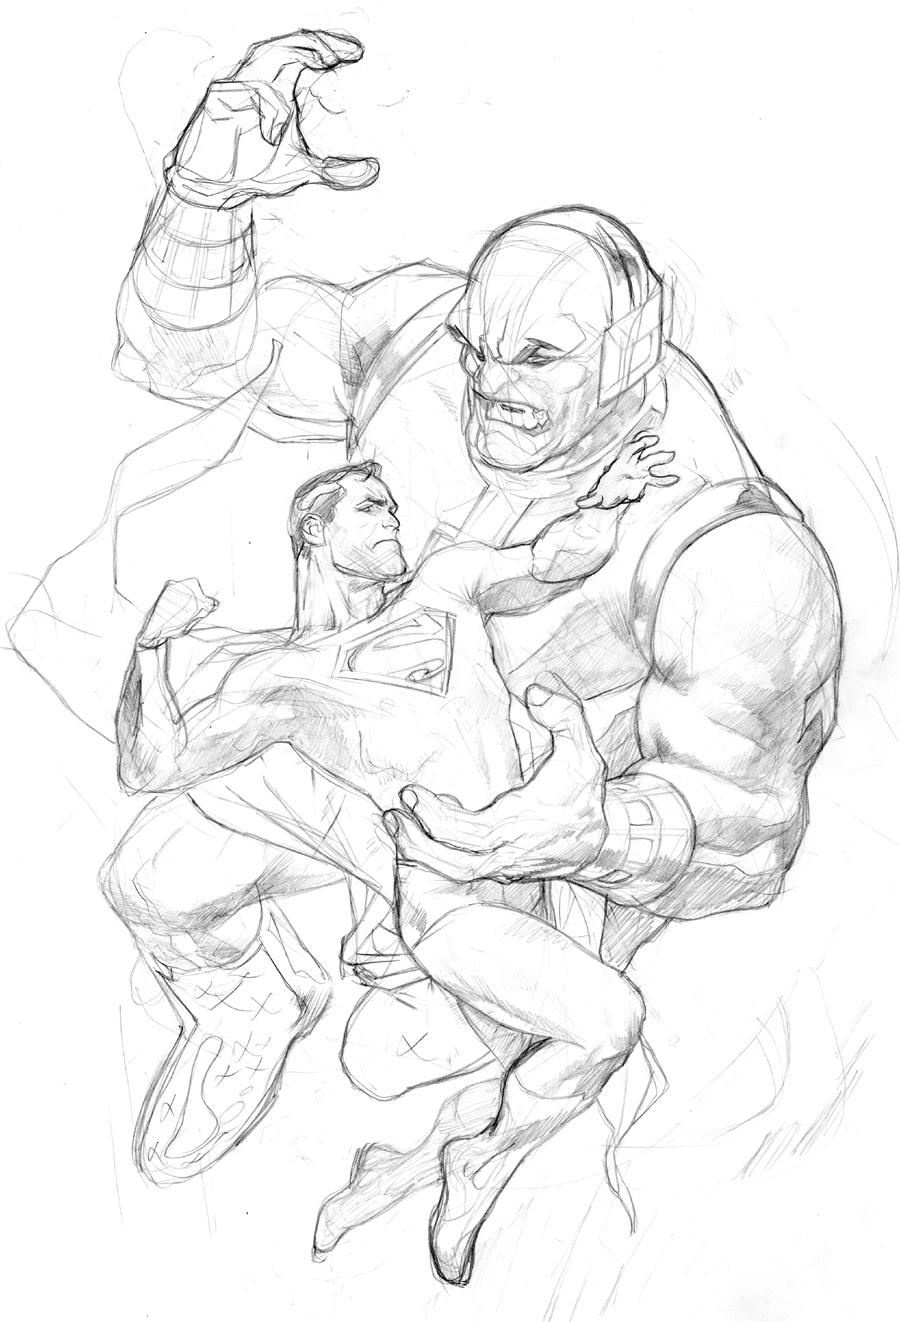 Drawn superman dc universe Universe RyanSook com Mongul Prelim